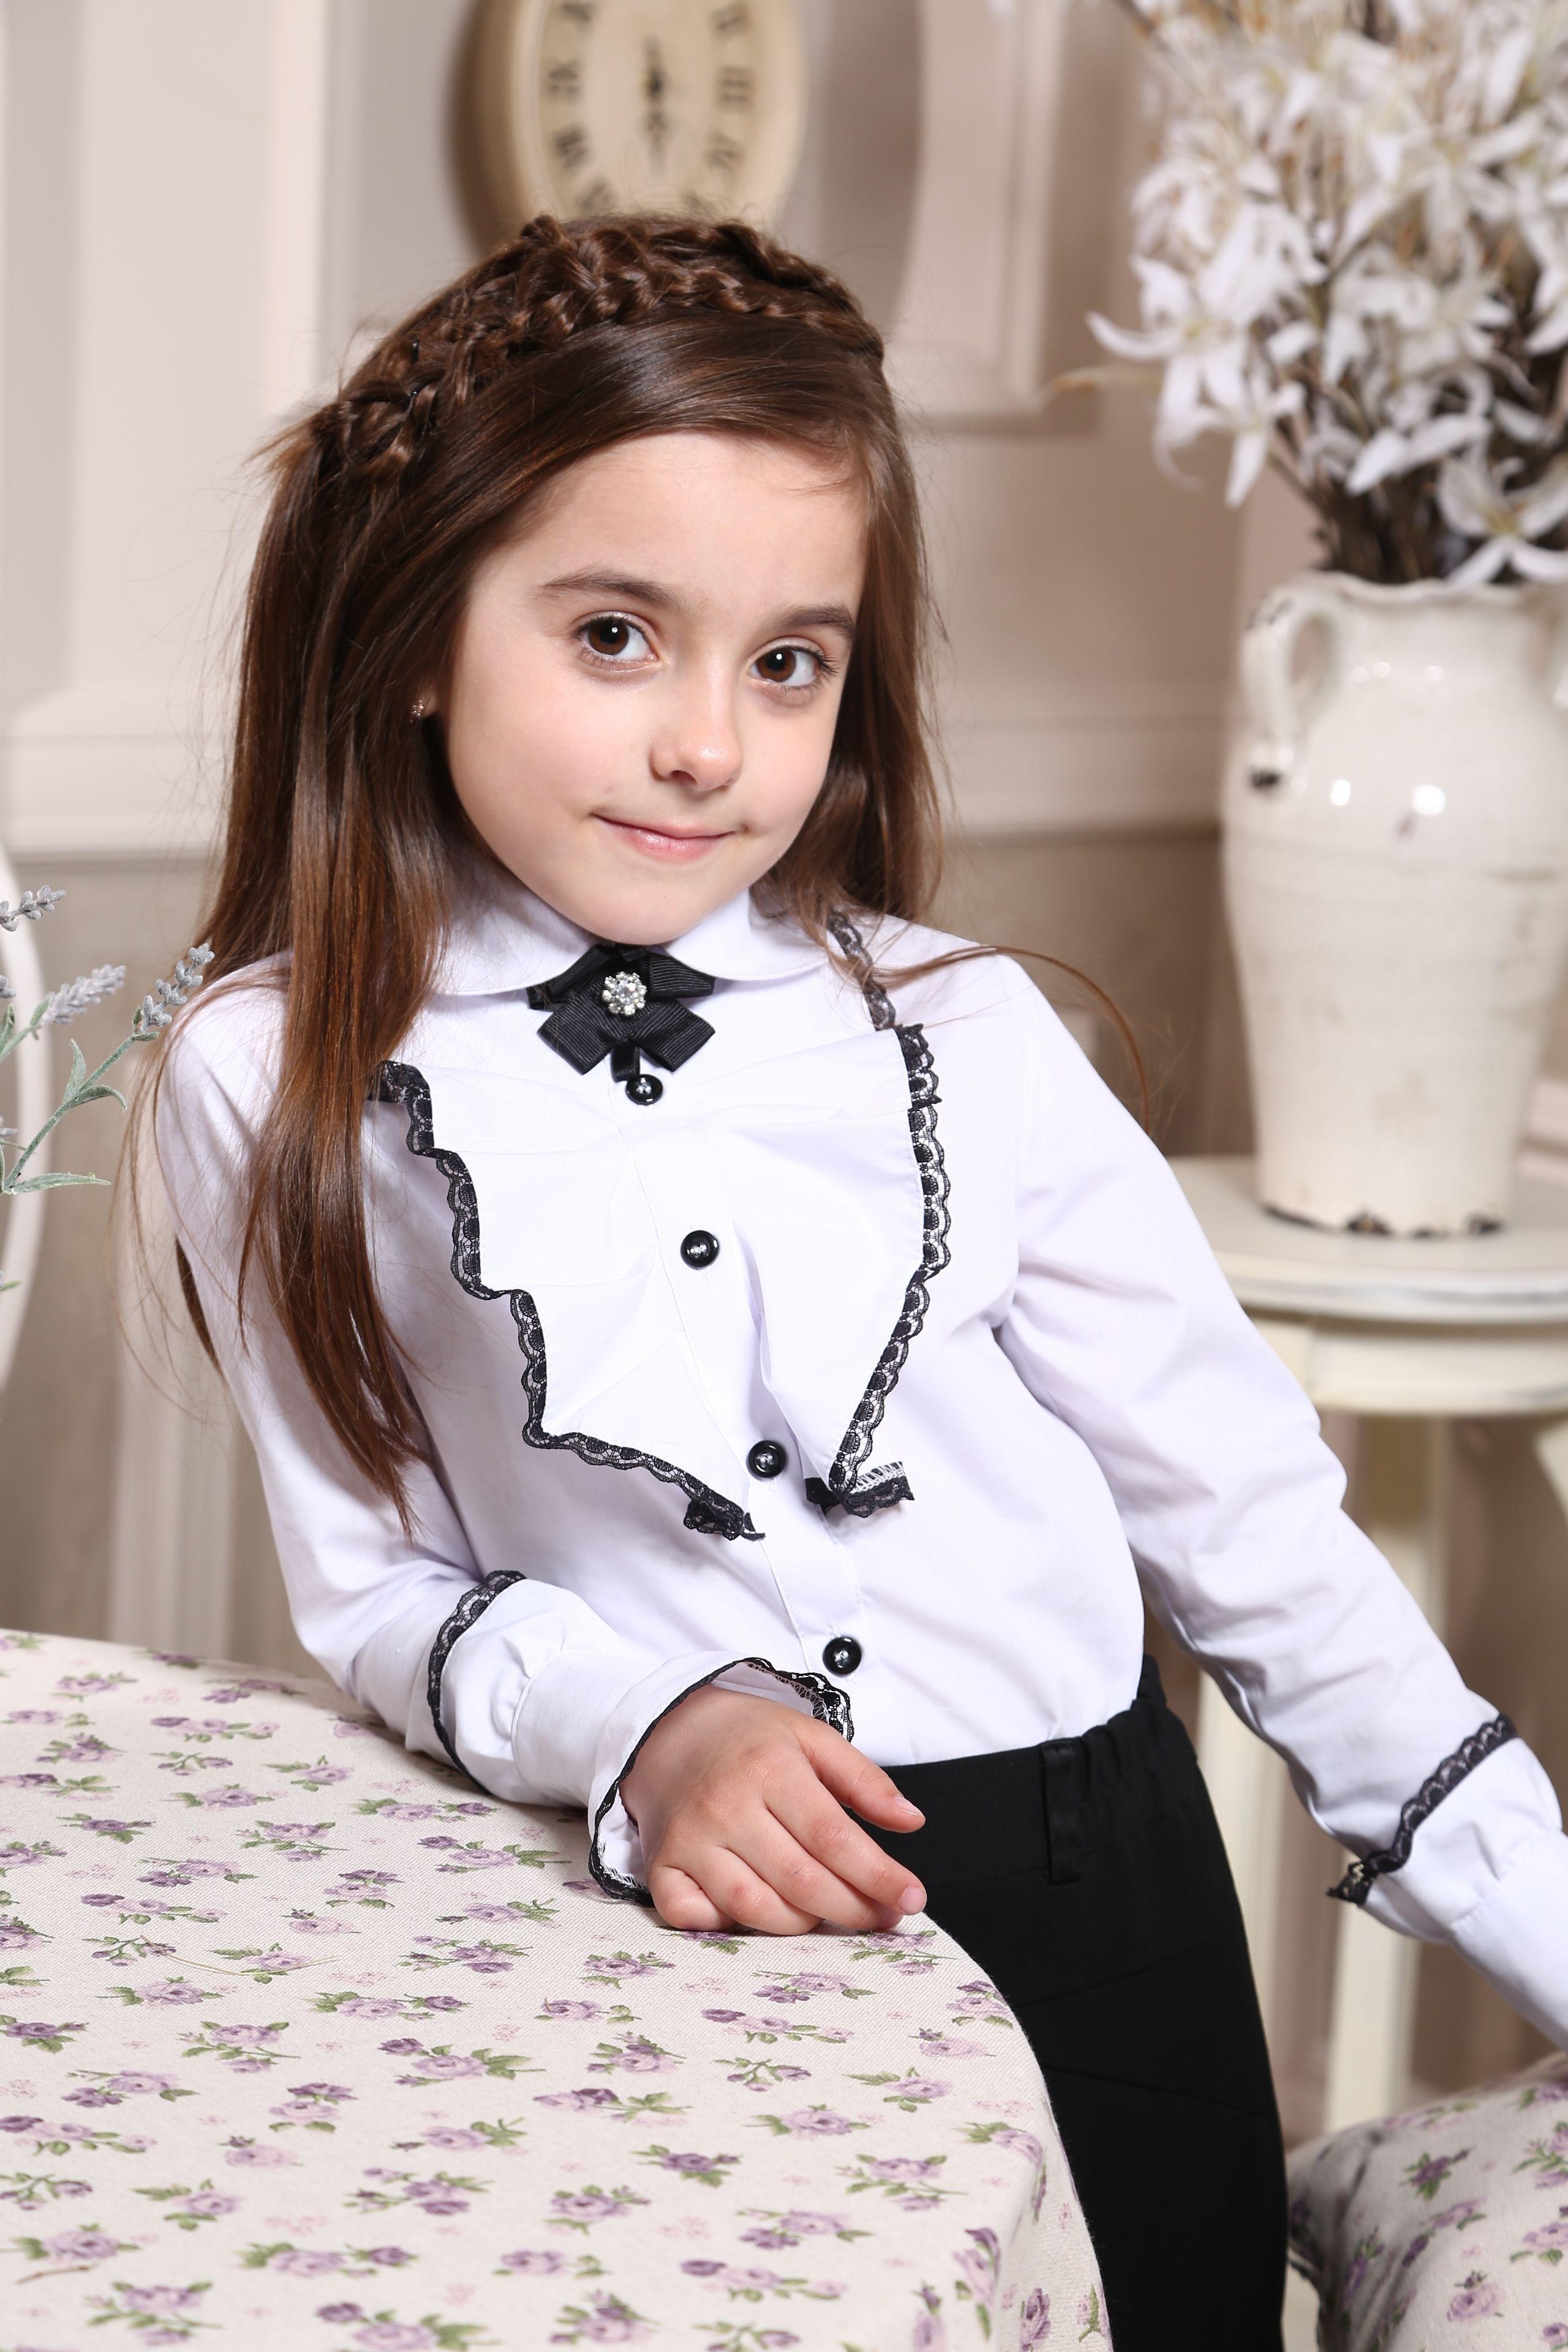 7a2016a1e8b Стильная школьная блузка с жабо и съемным украшением и кружевами